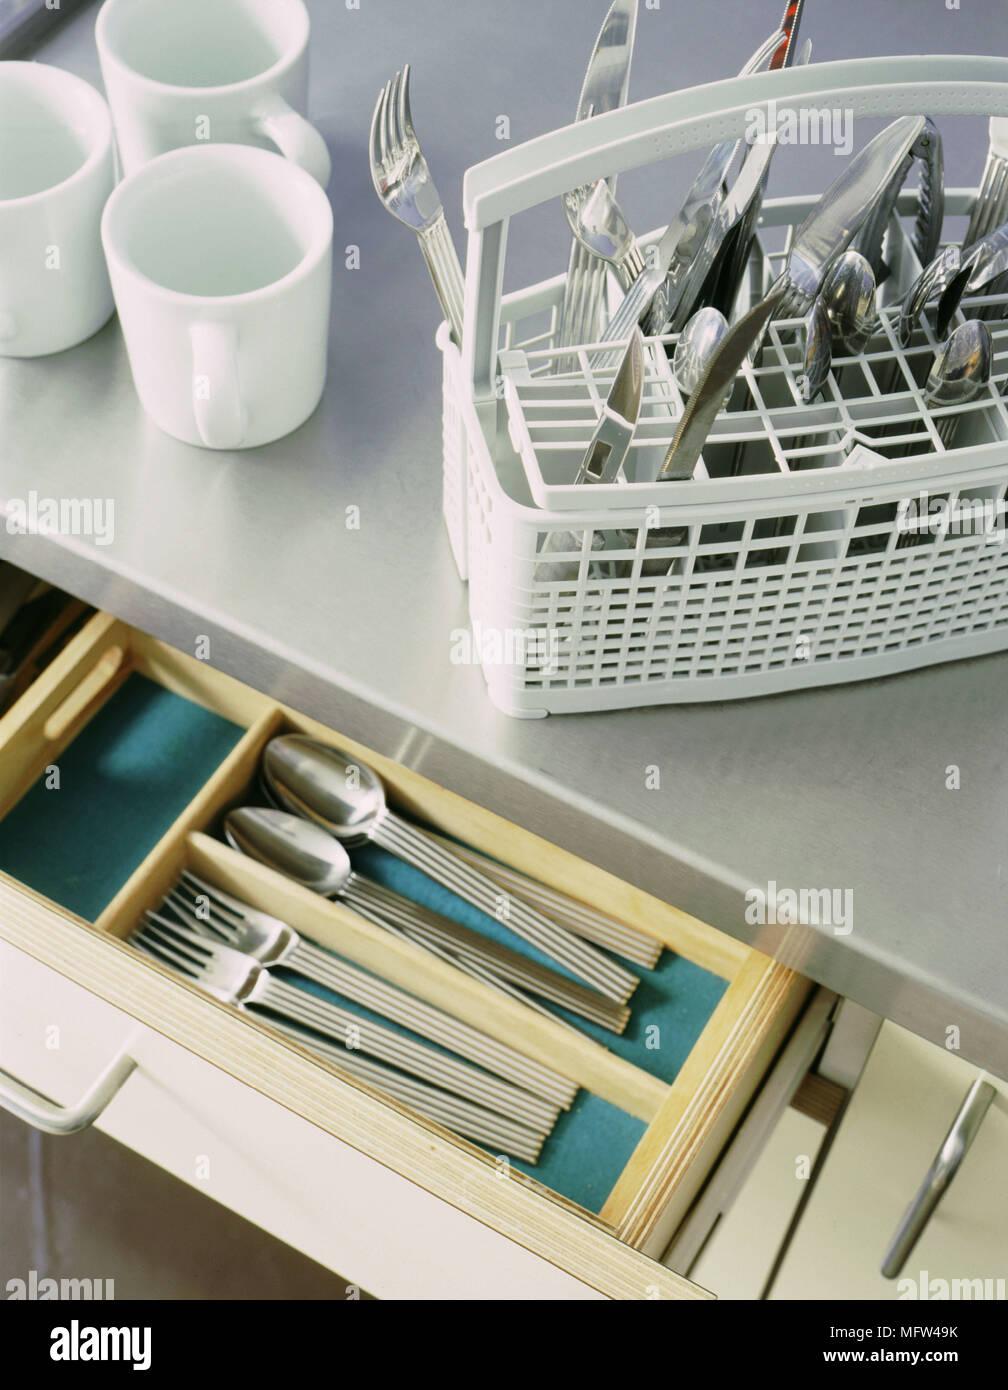 Ein Detail Einer Modernen Küche Arbeitsplatte Aus Edelstahl Besteck Aus  Kunststoff Spülmaschine Korb Schublade öffnen Drei Weiße Tassen